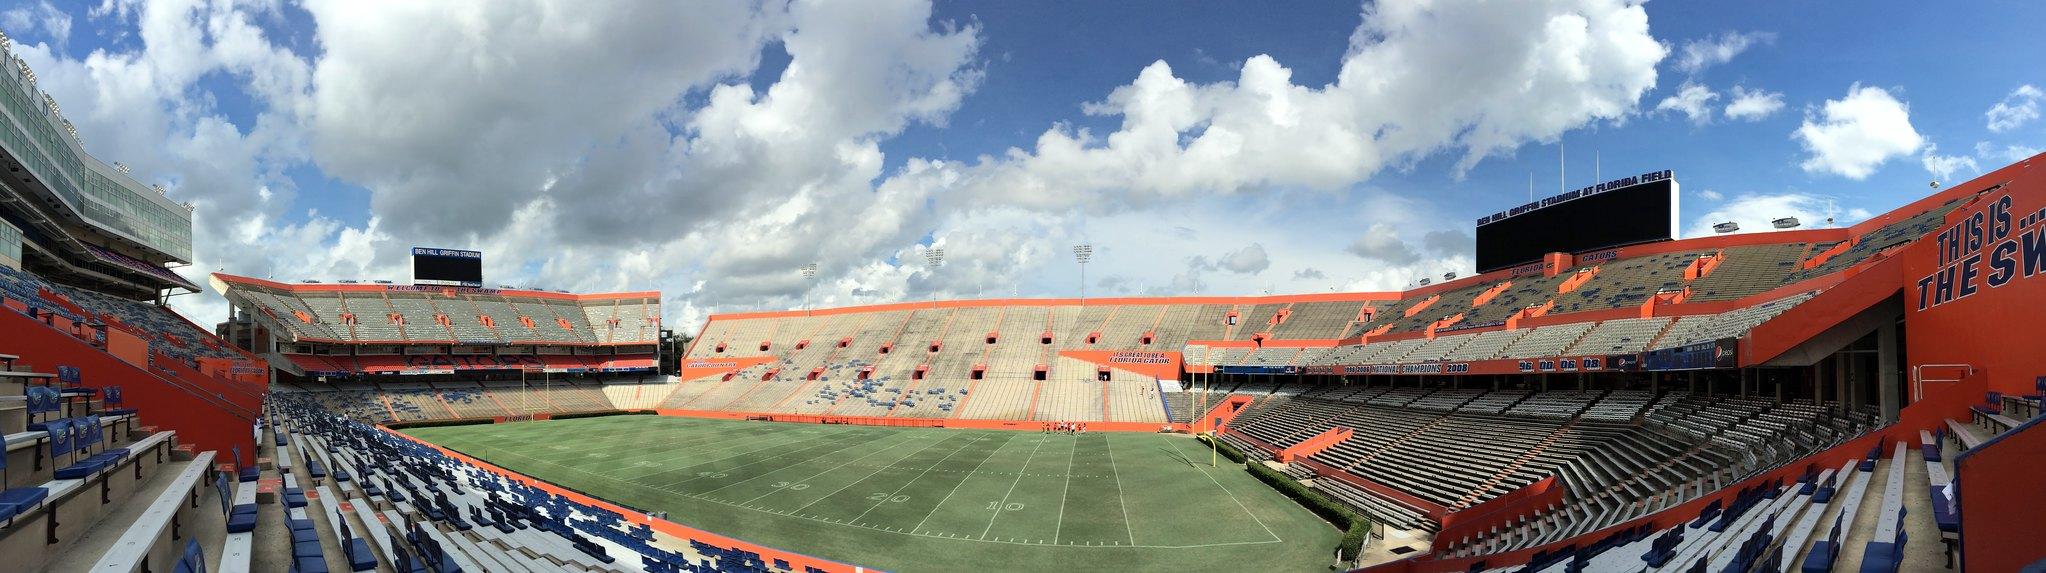 佛罗里达大学 - Gainesville - University of Florida - Ben Hill Griffin Stadium - Inside Panorama - University of Florida